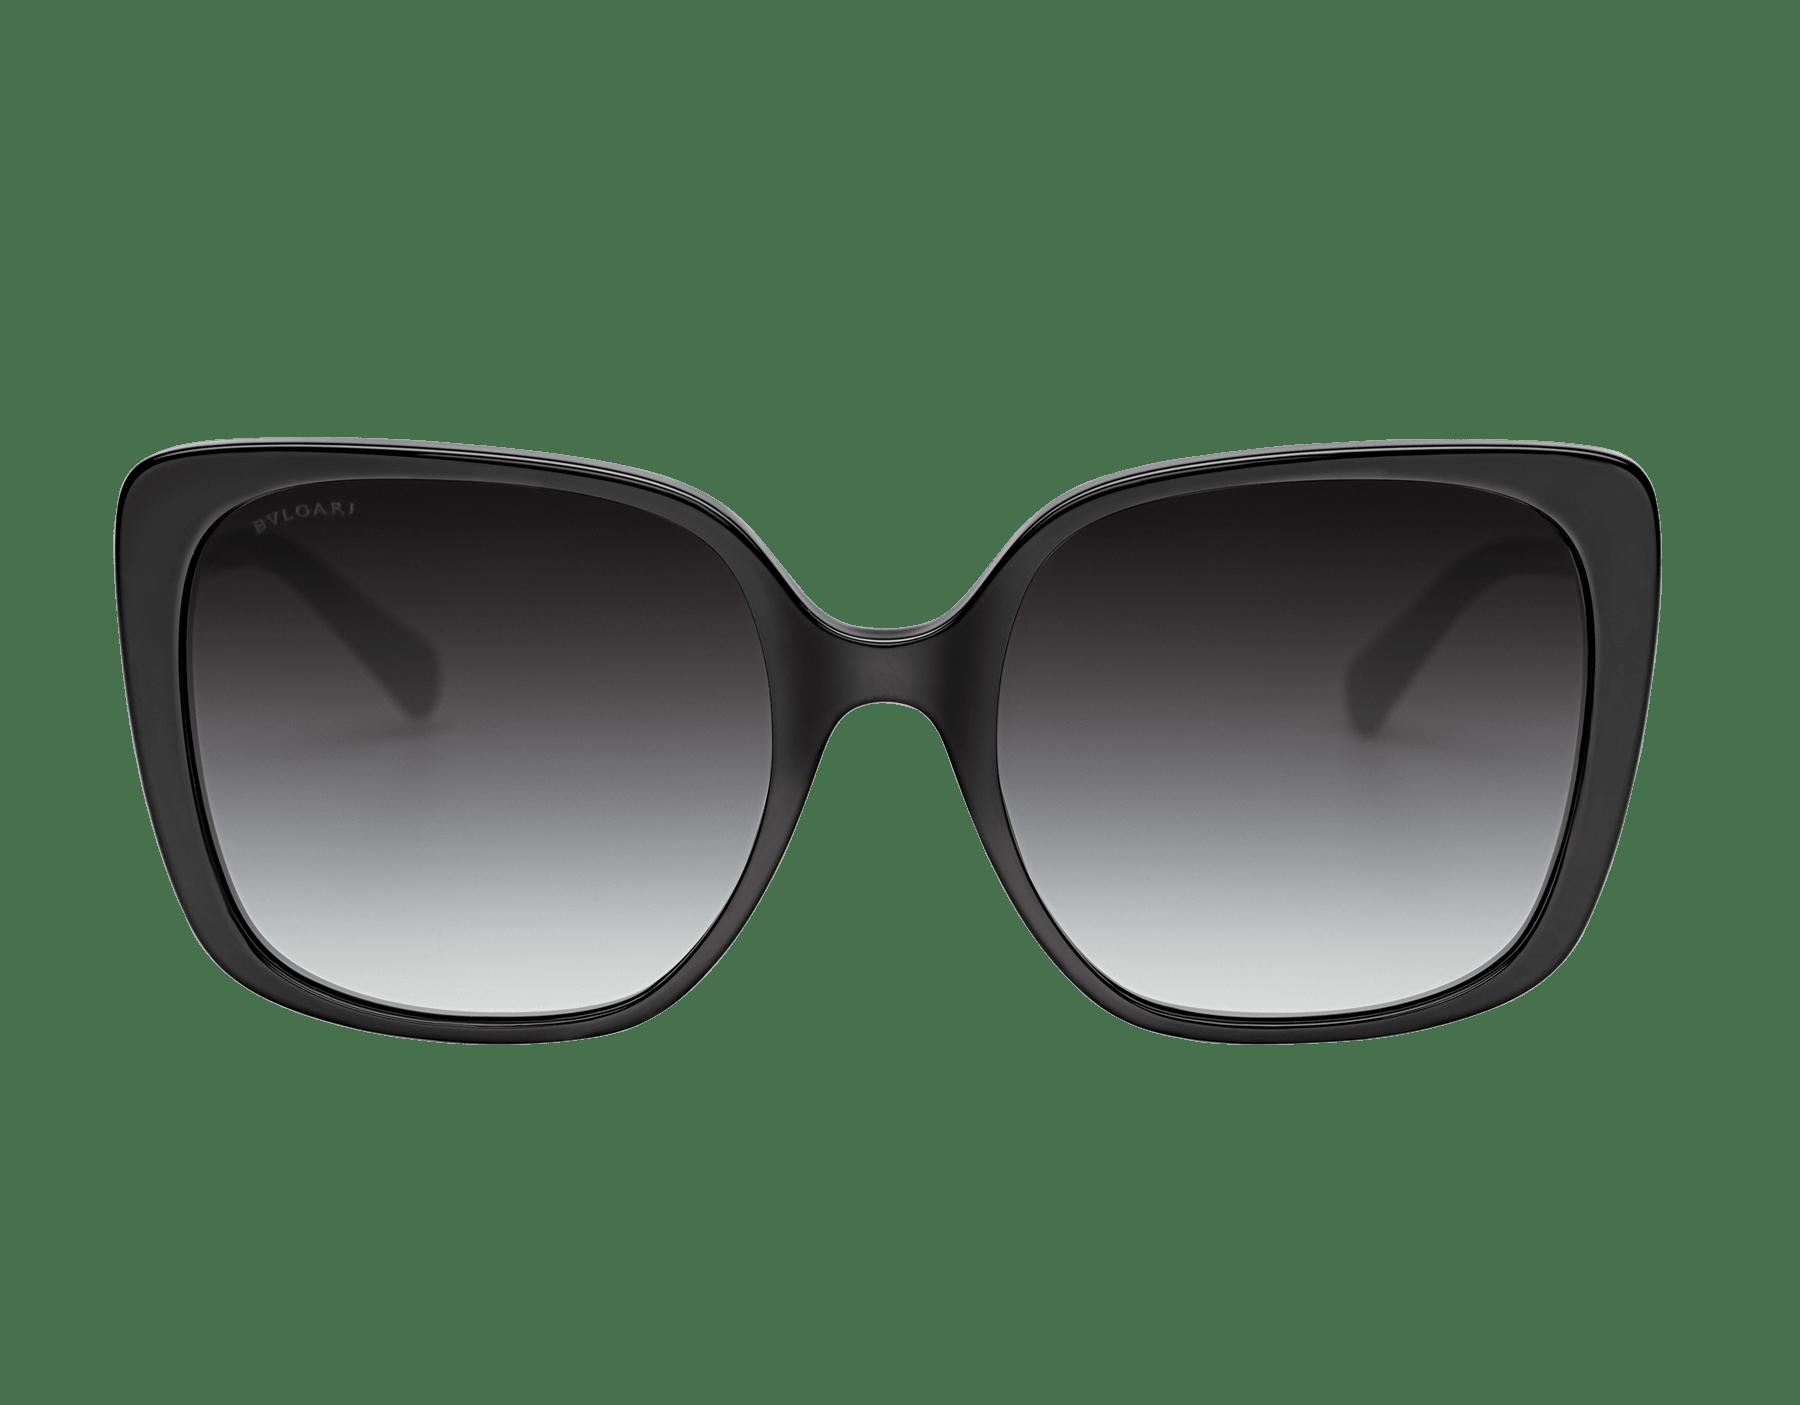 Bulgari Fiorever acetate squared sunglasses. 904011 image 2